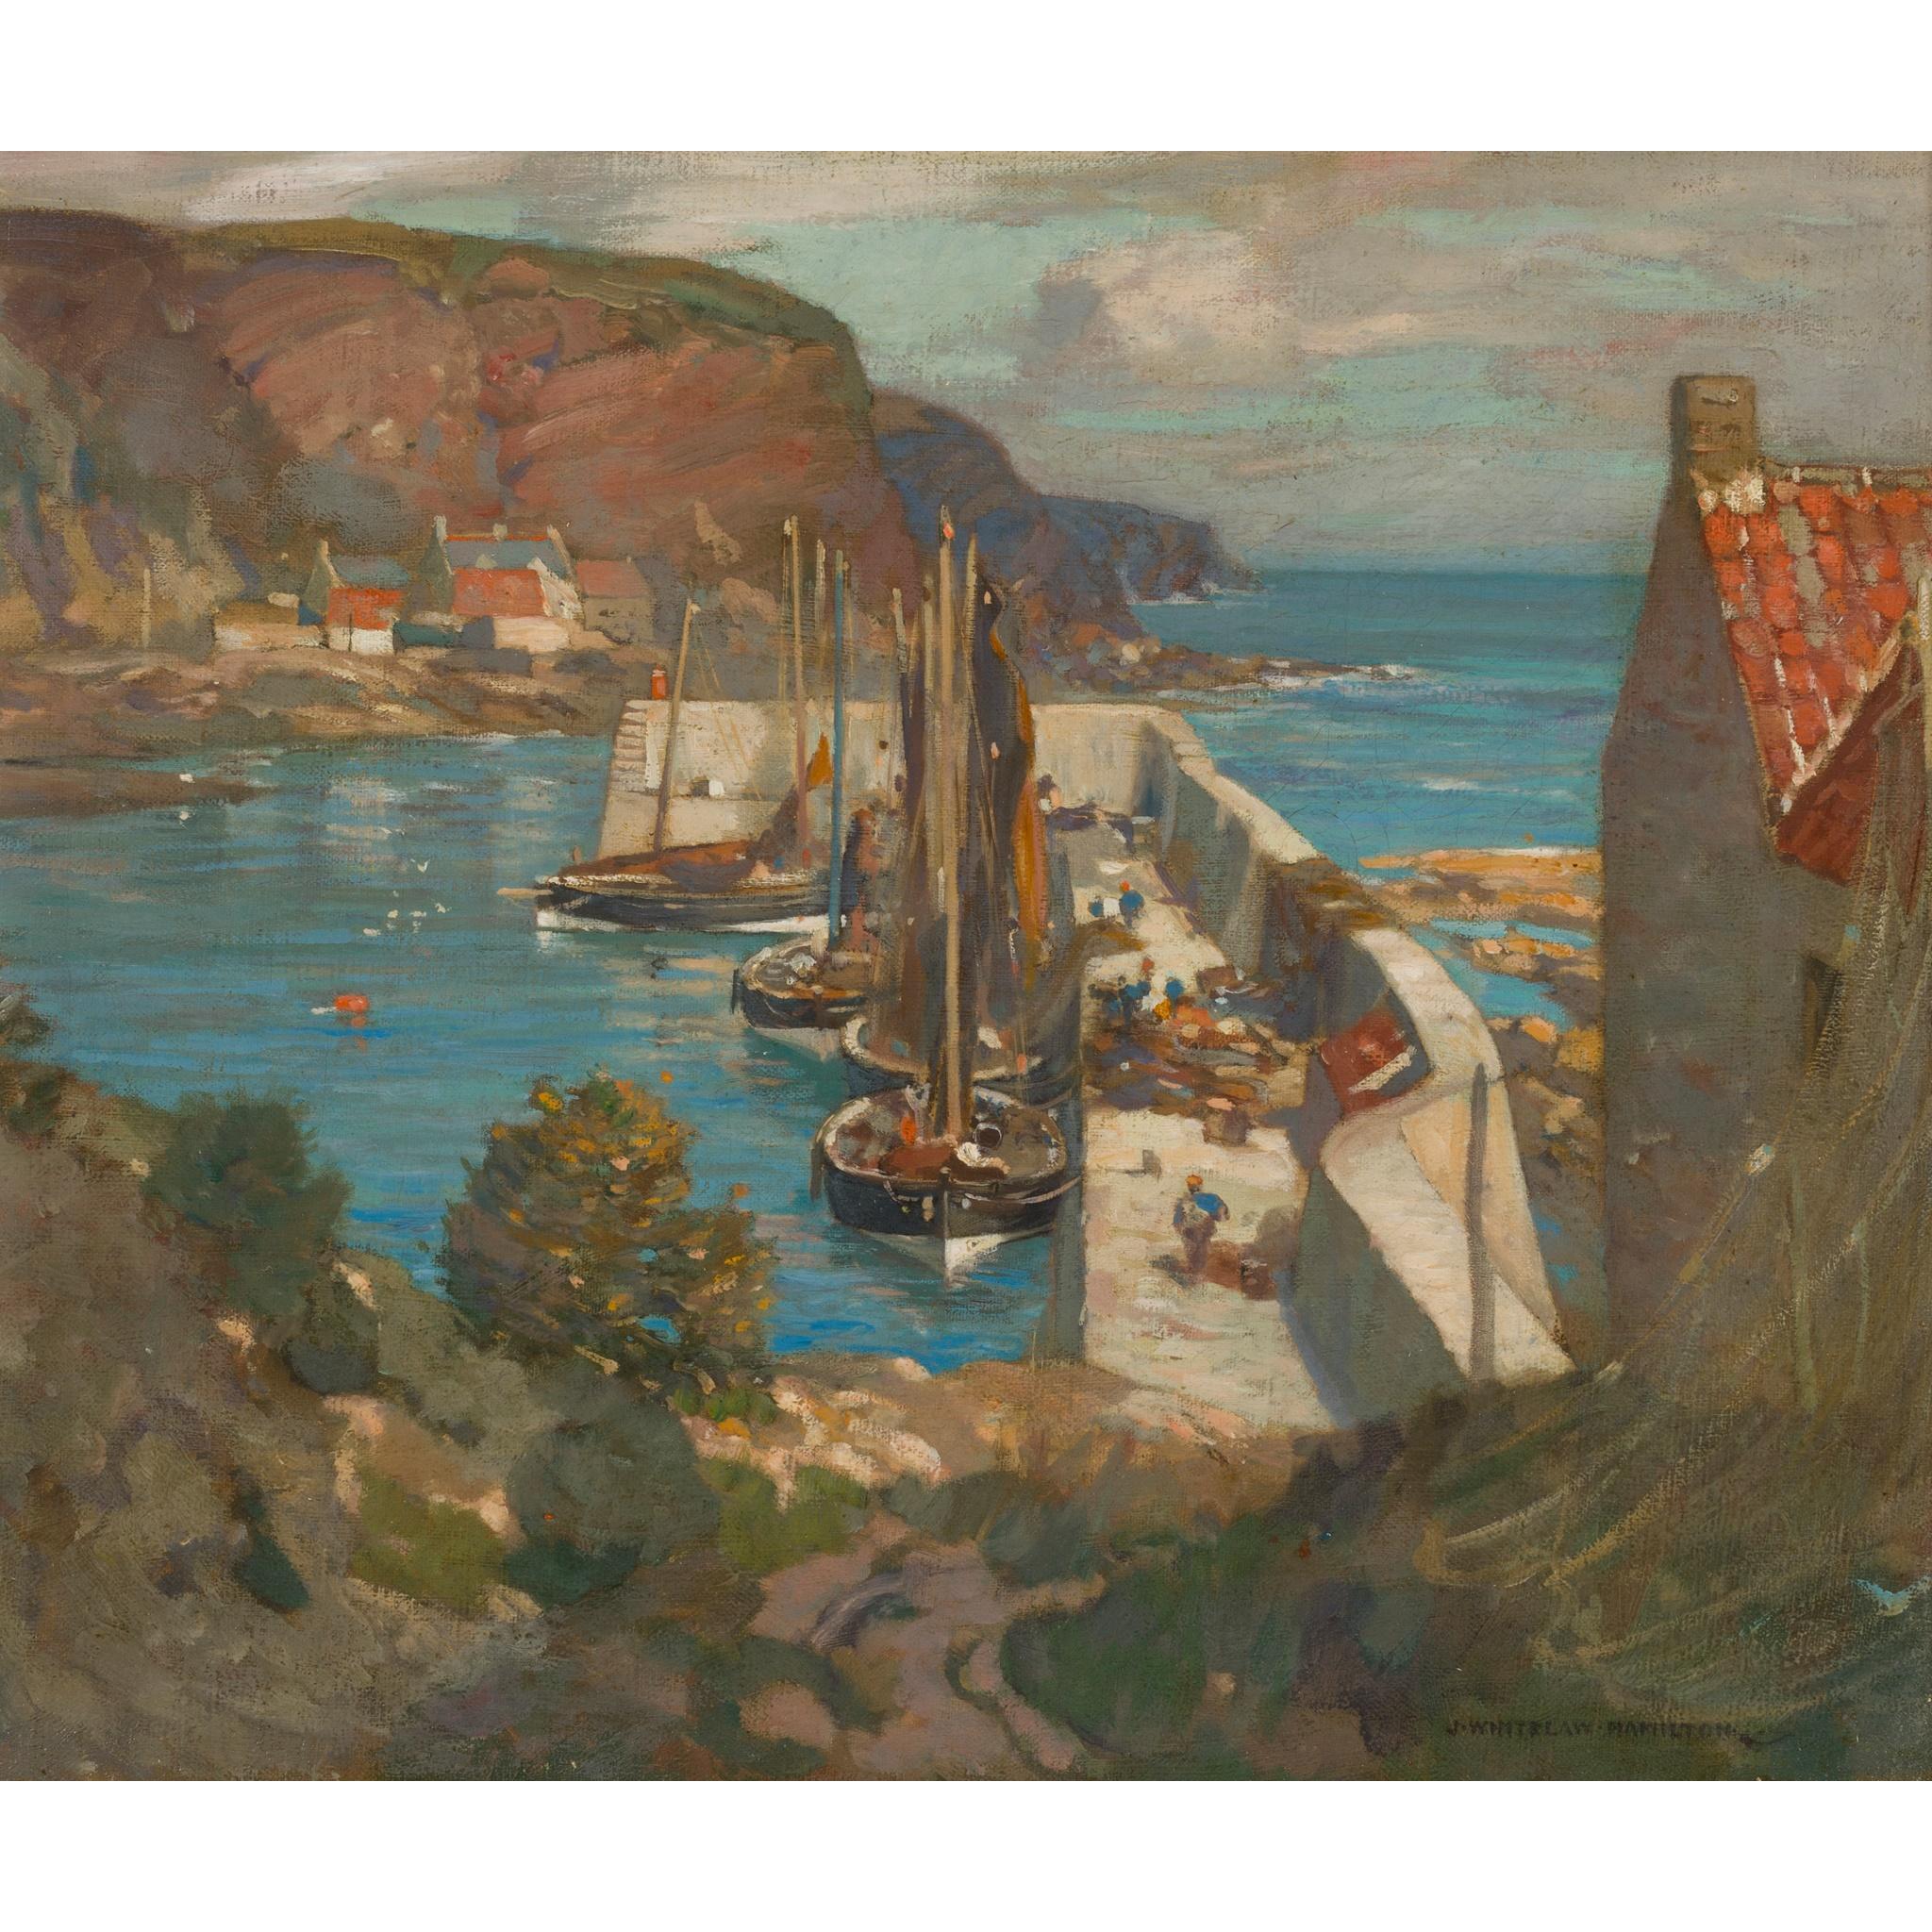 JAMES WHITELAW HAMILTON R.S.A., R.S.W (SCOTTISH 1860-1932) BURNMOUTH HARBOUR